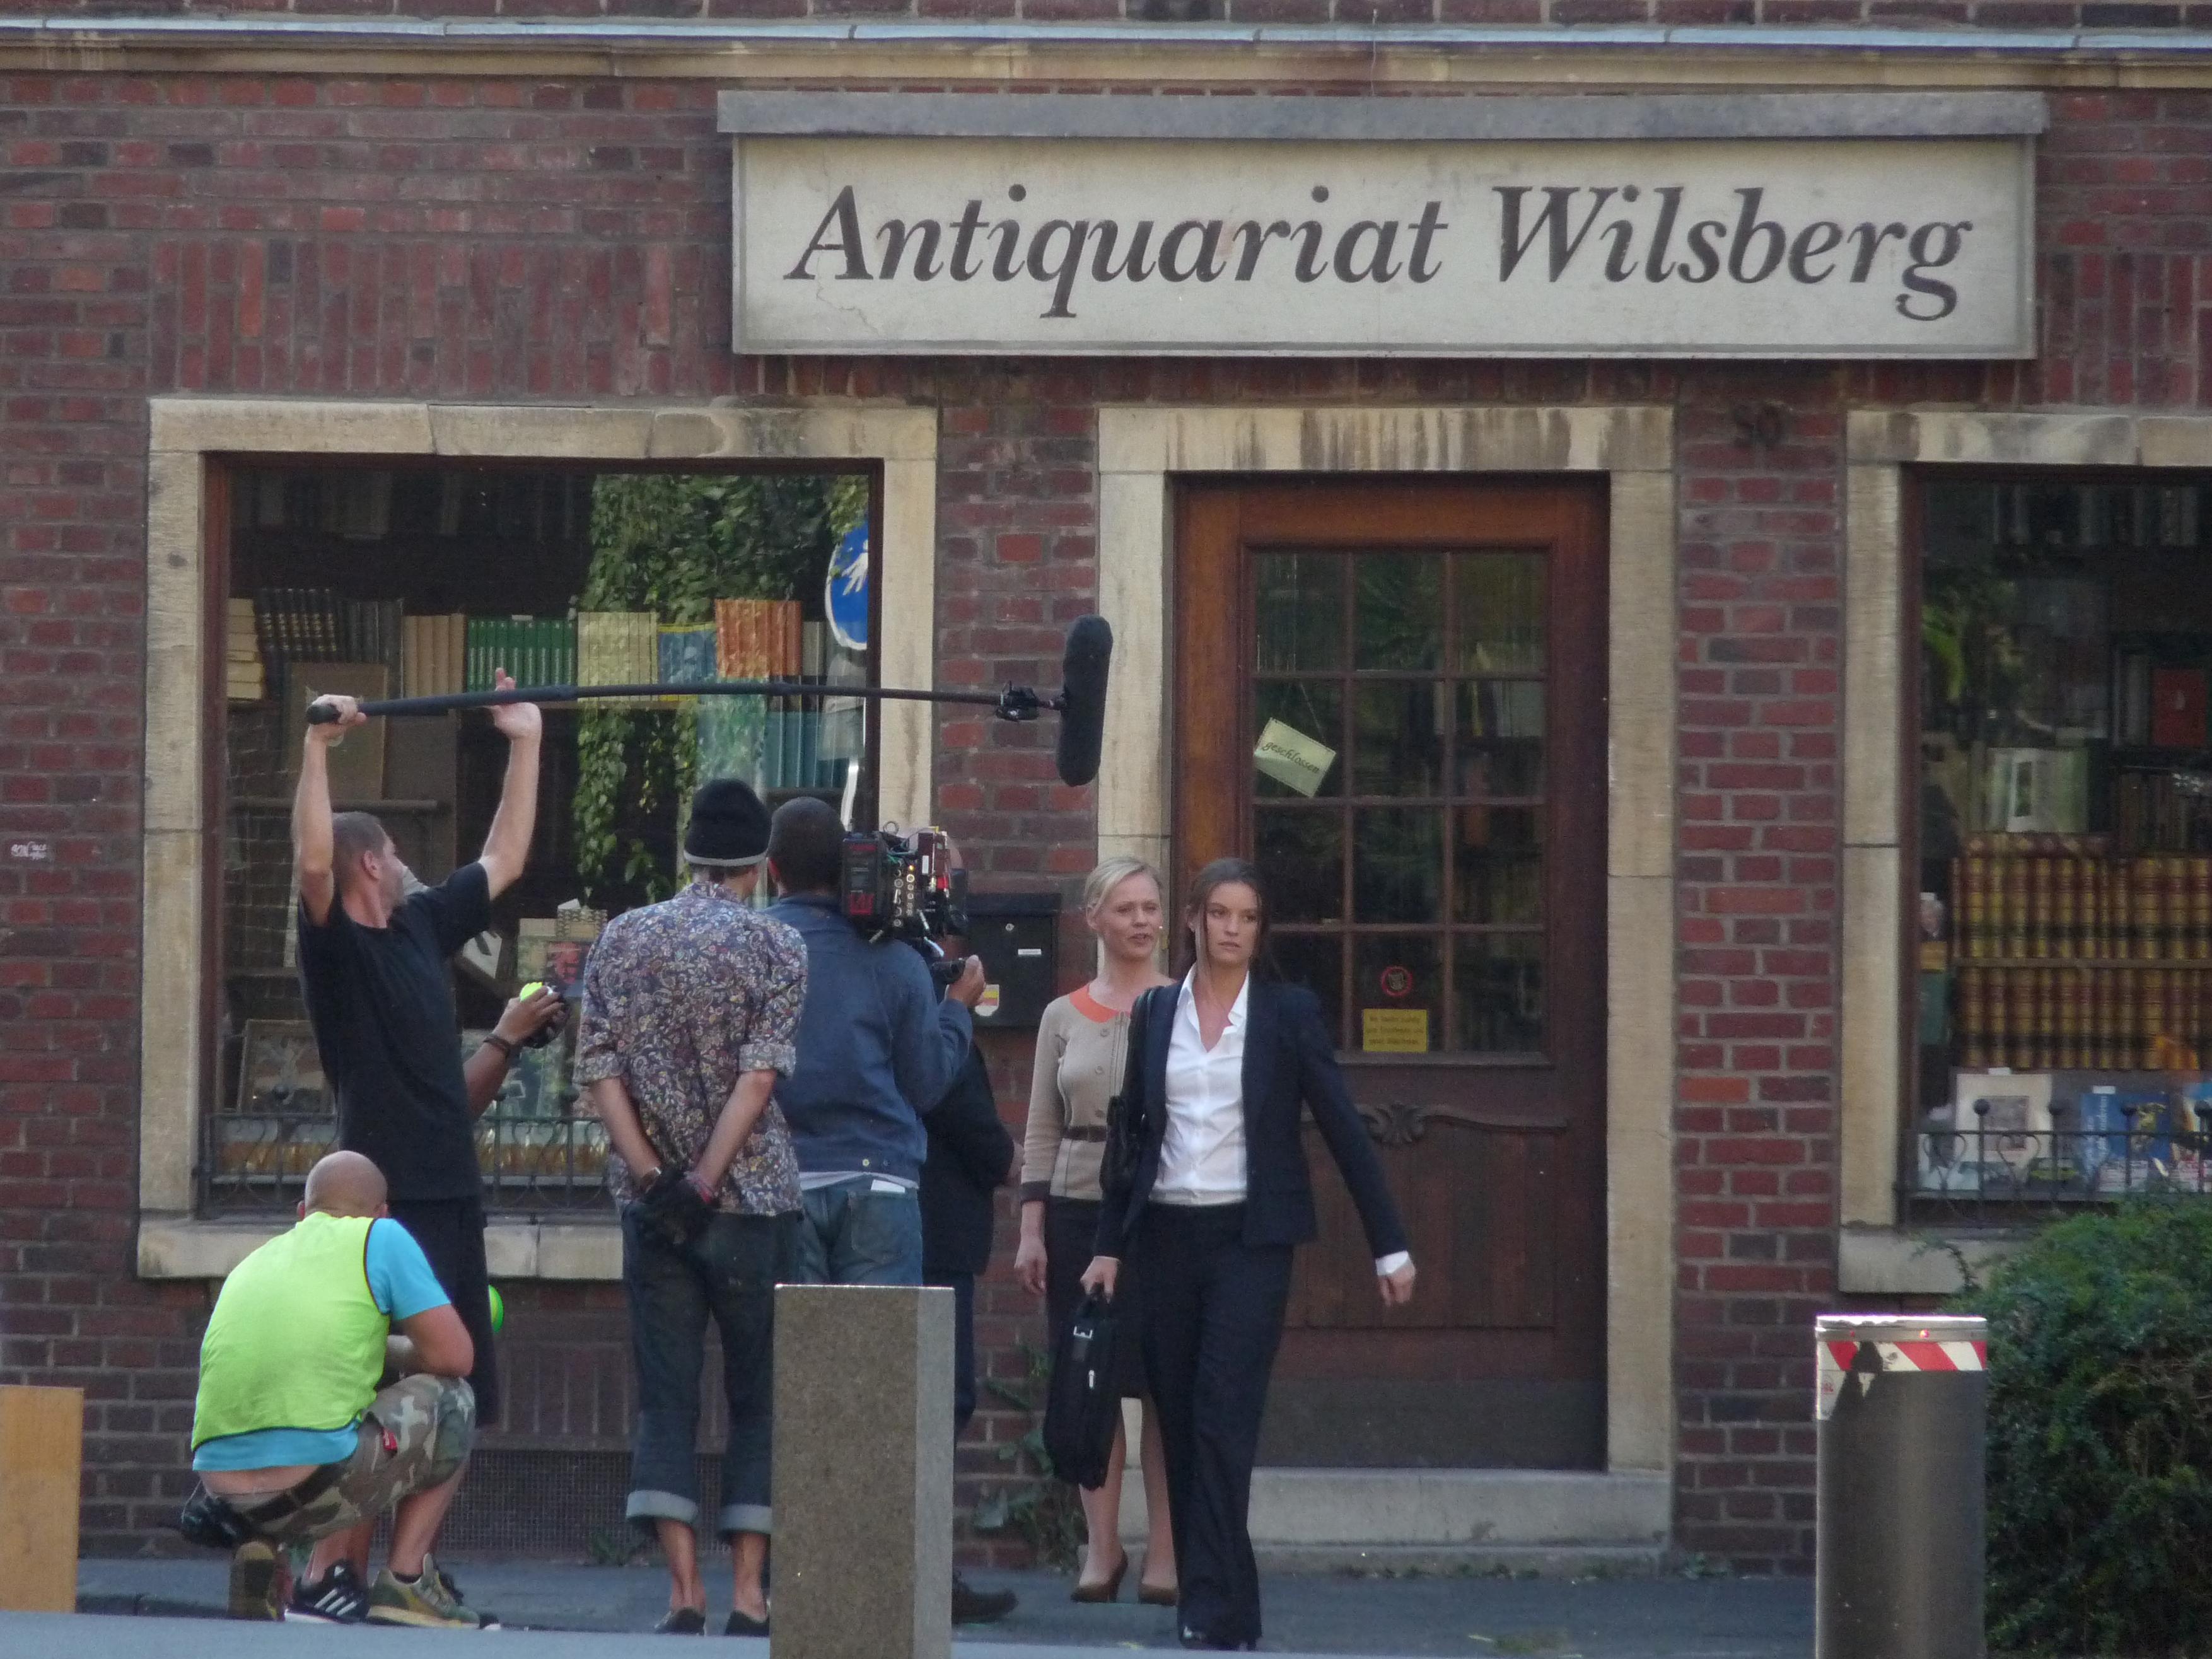 Wilsberg hengstparade online dating